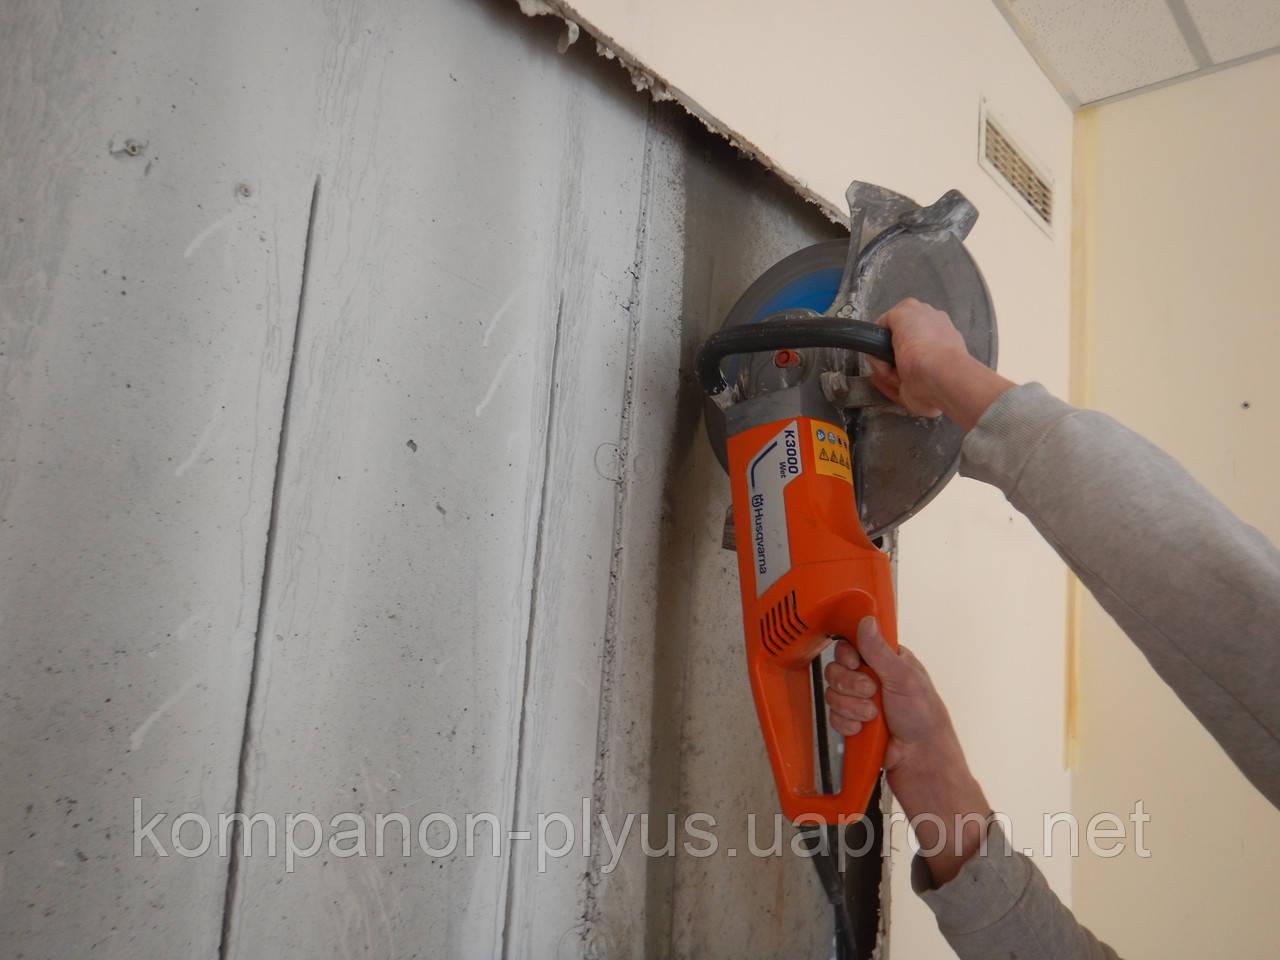 Отвір в стіні порядок робіт і вартість